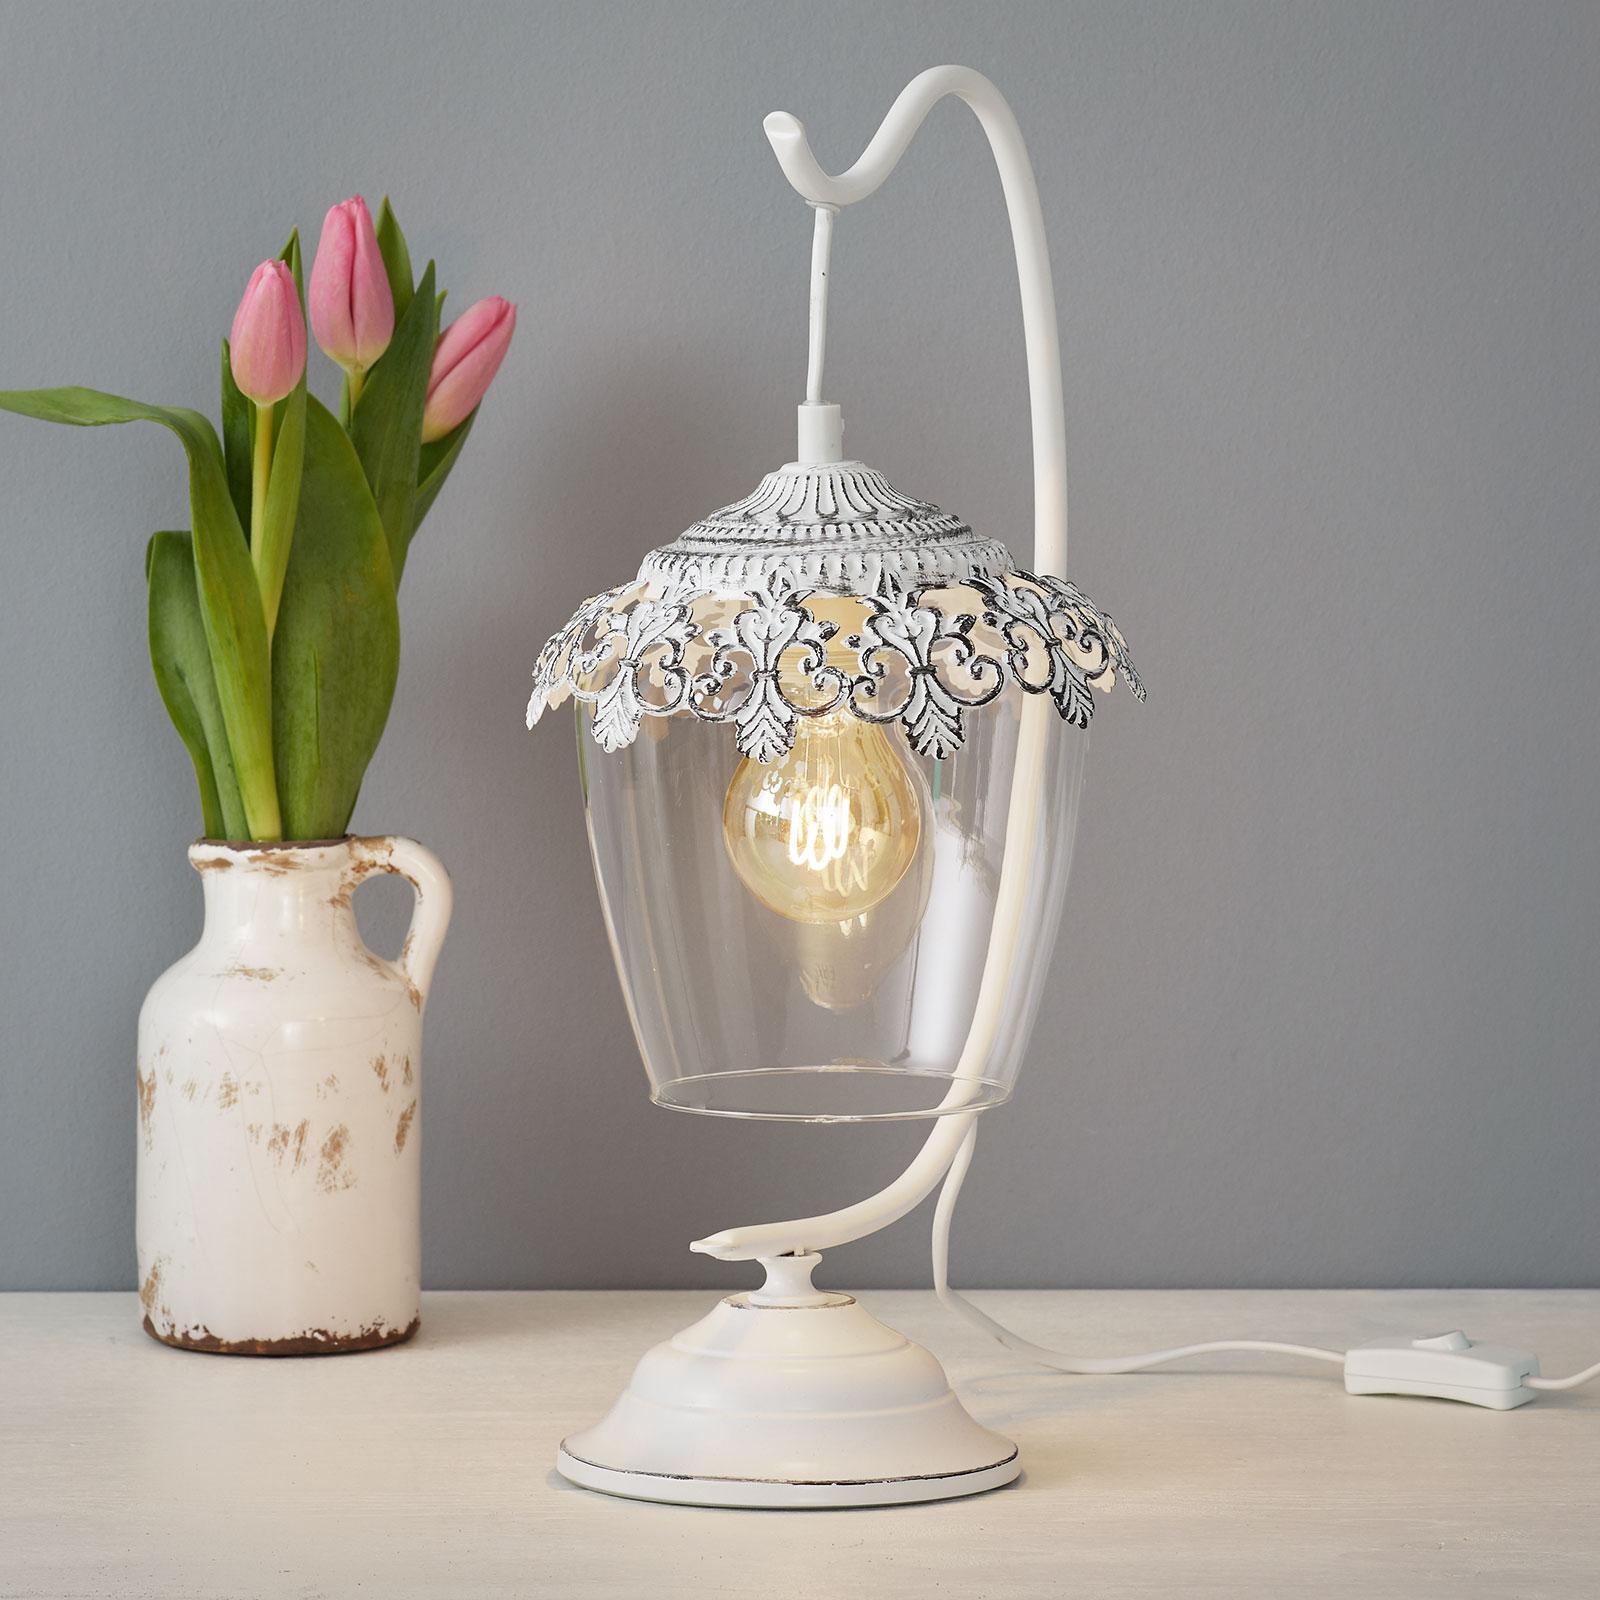 Lampa stołowa FLORINIA, biały patynowy